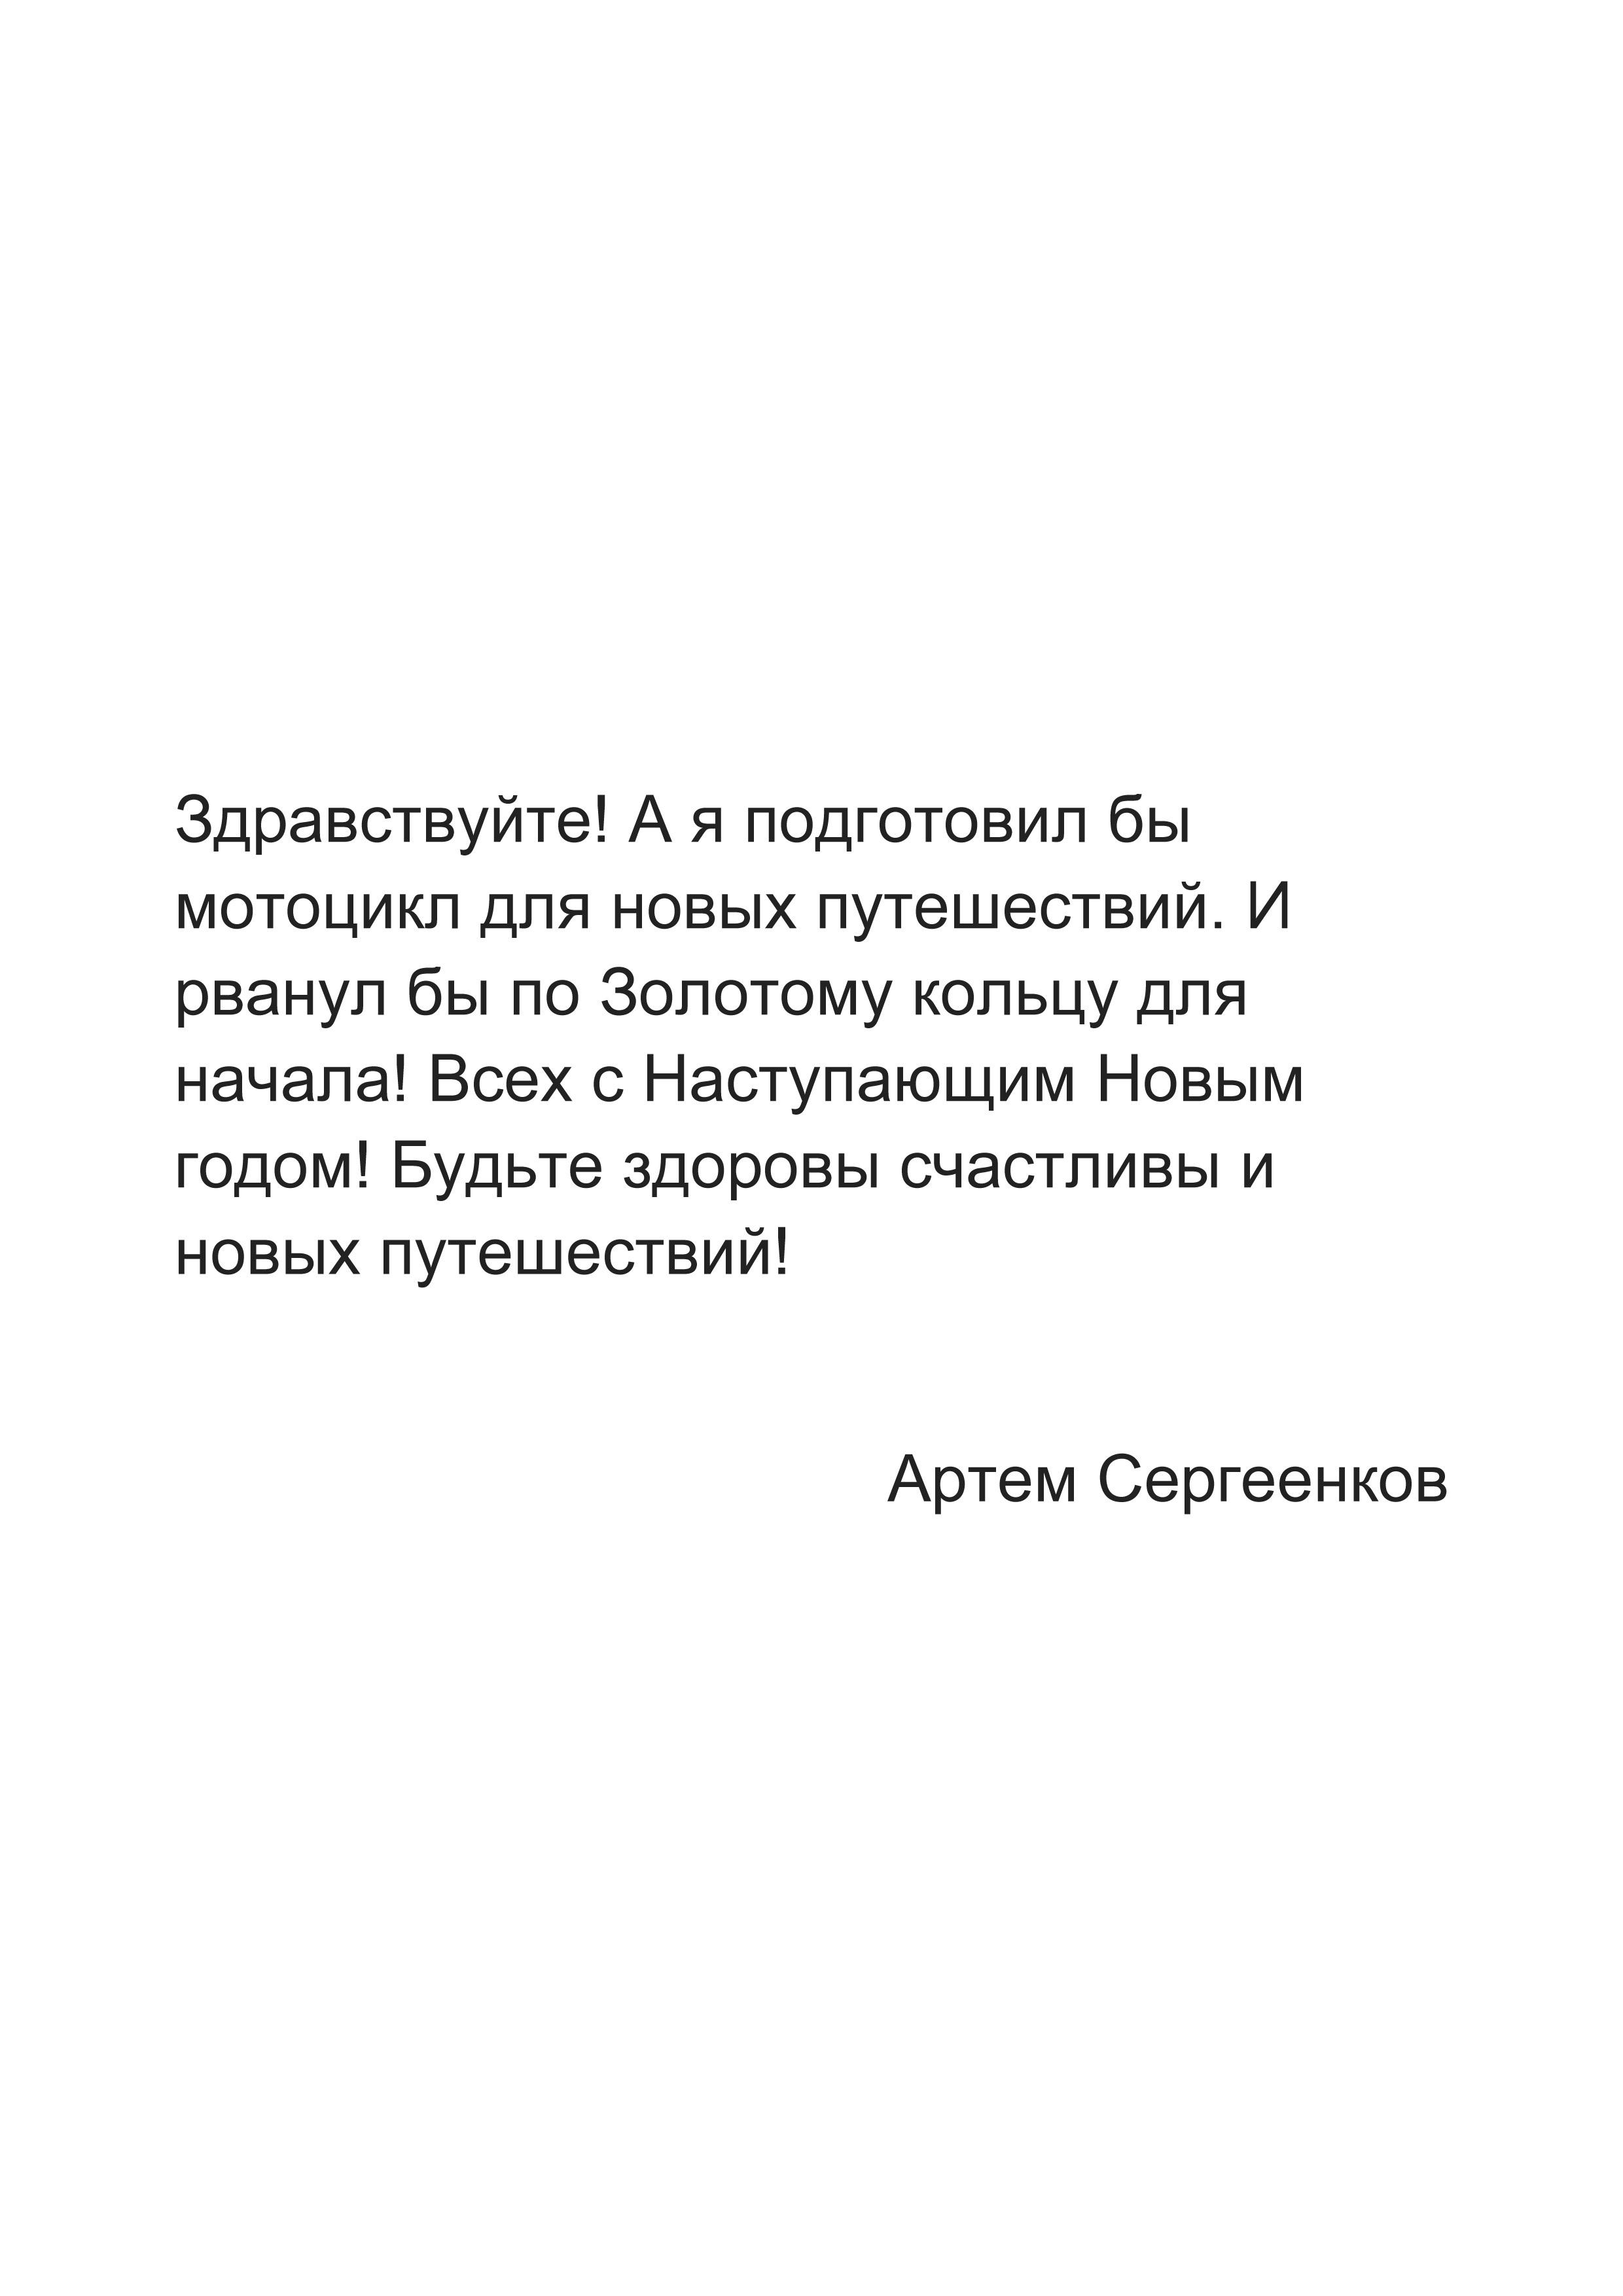 Артем Сергеенков